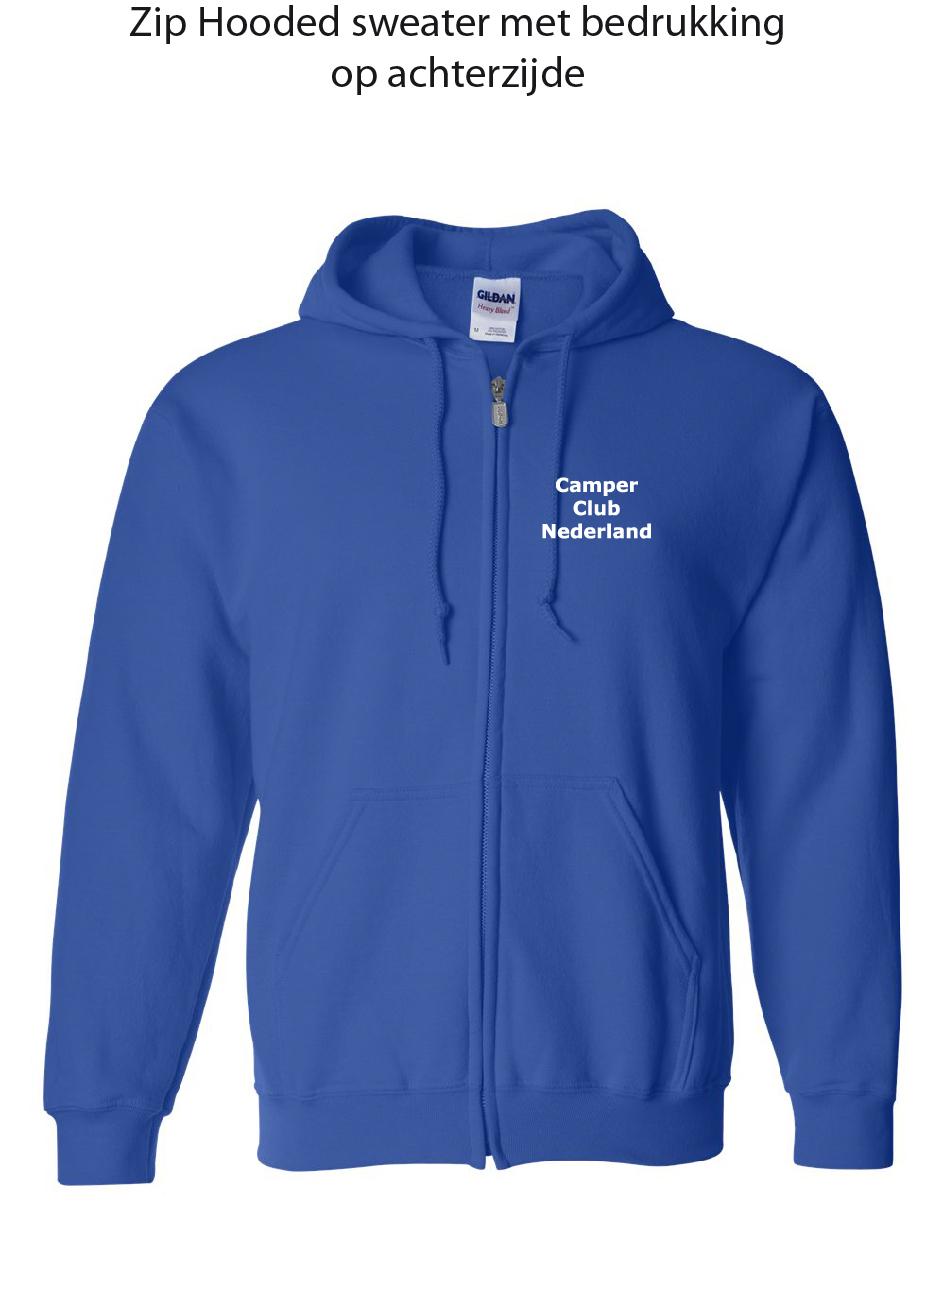 Zip Hooded Sweater met bedrukking linkerborst